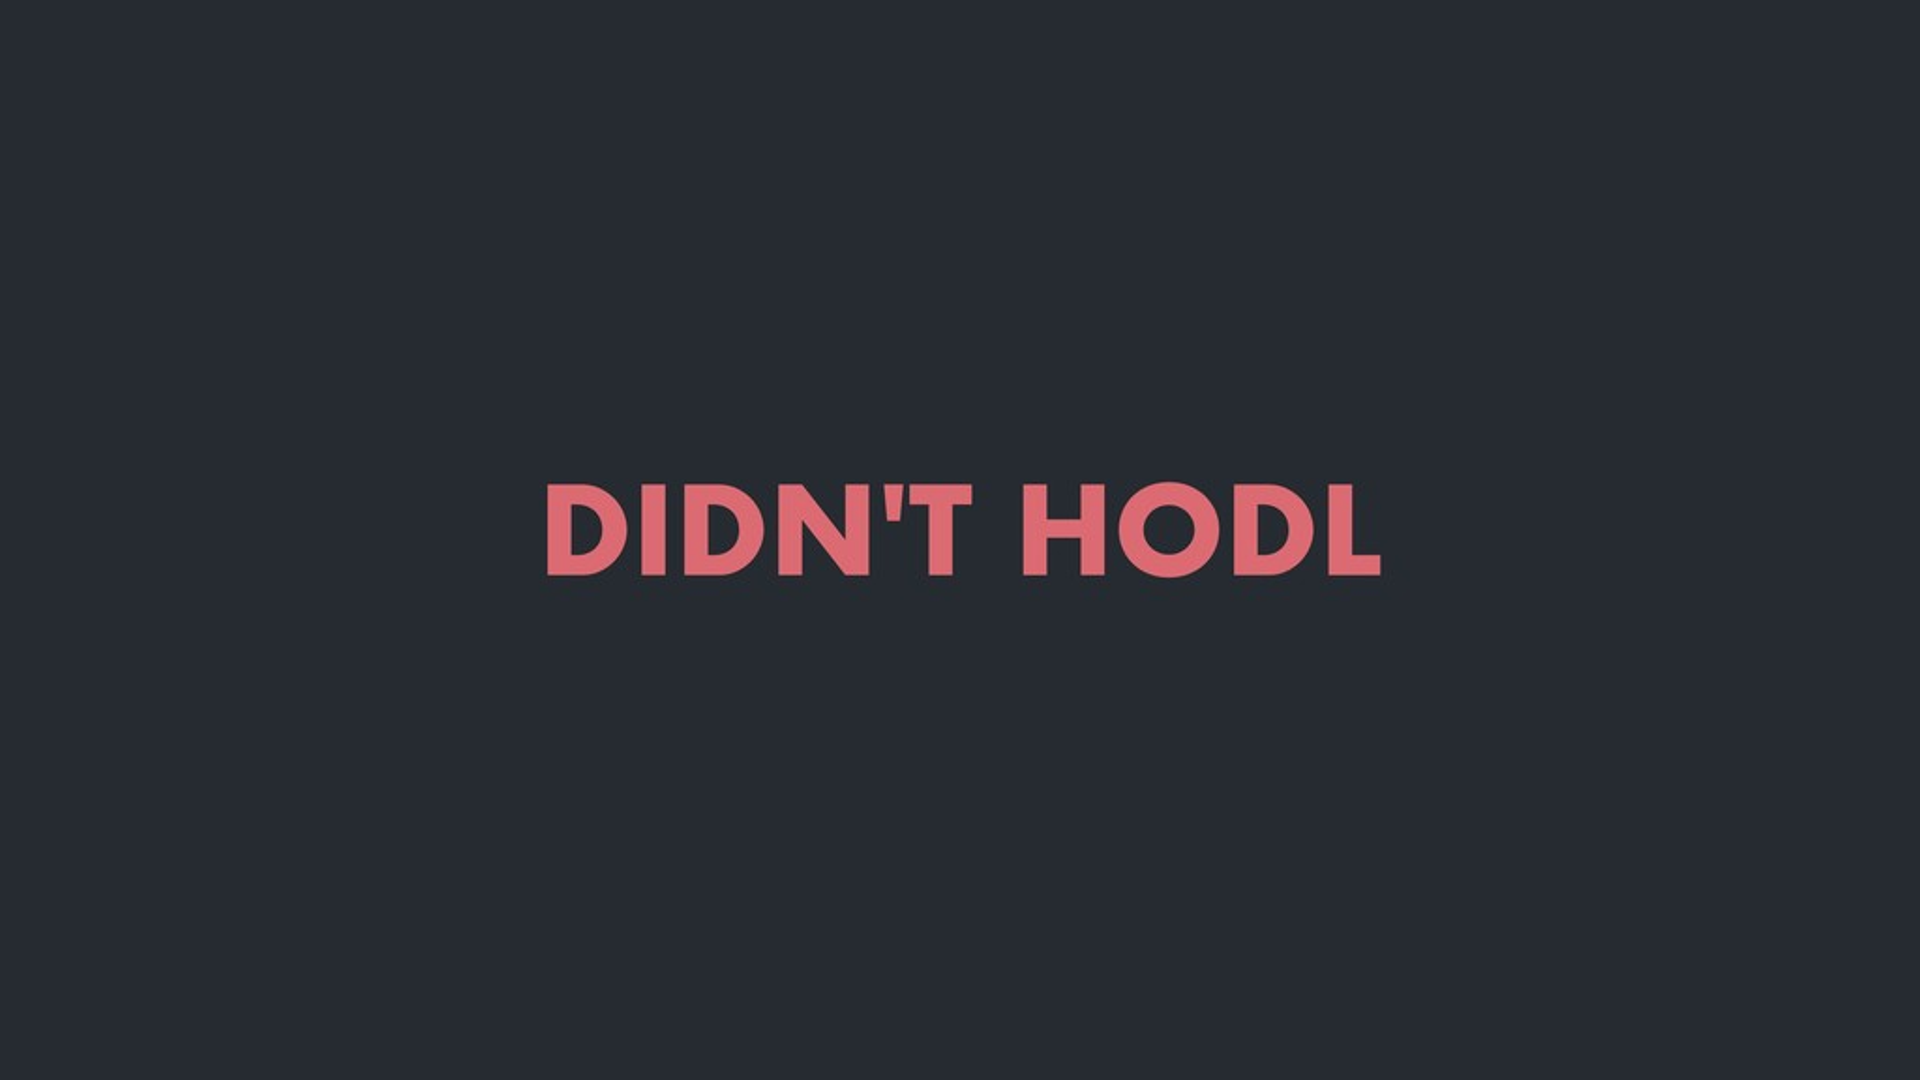 DIDN'T HODL